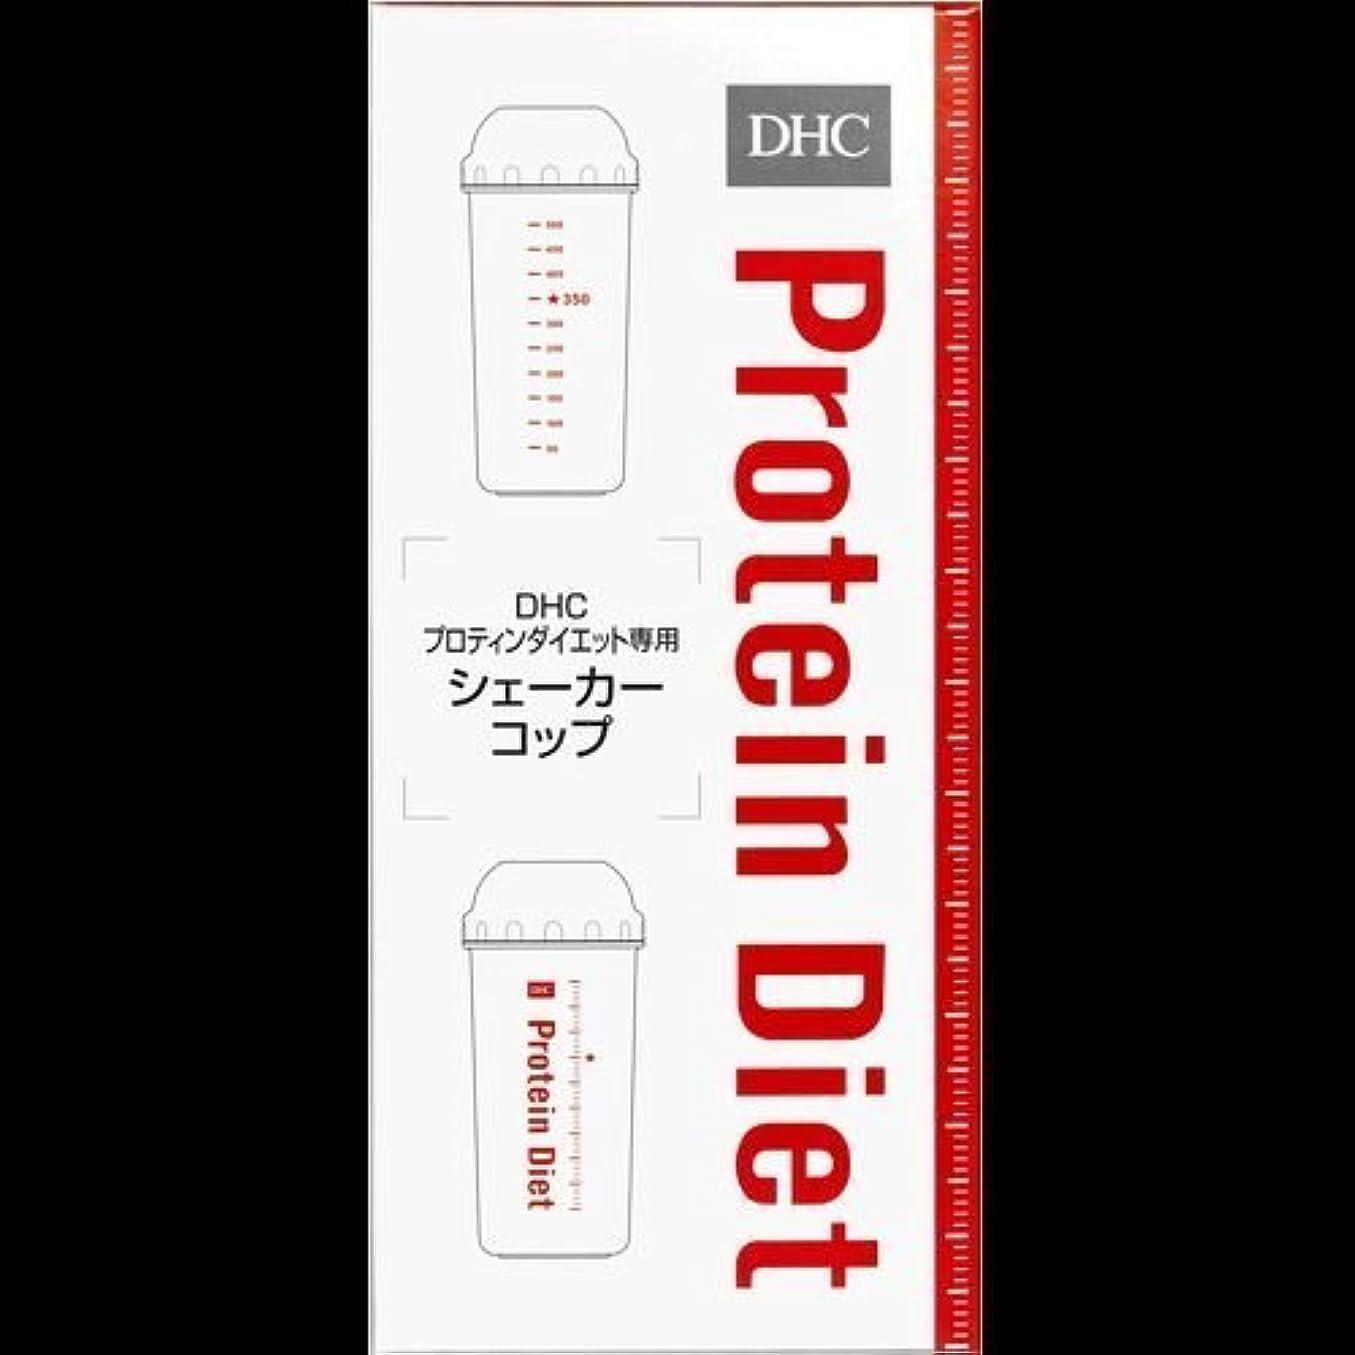 レタッチシンカンポイント【まとめ買い】DHC プロティンダイエット 専用シェーカーコップ ×2セット